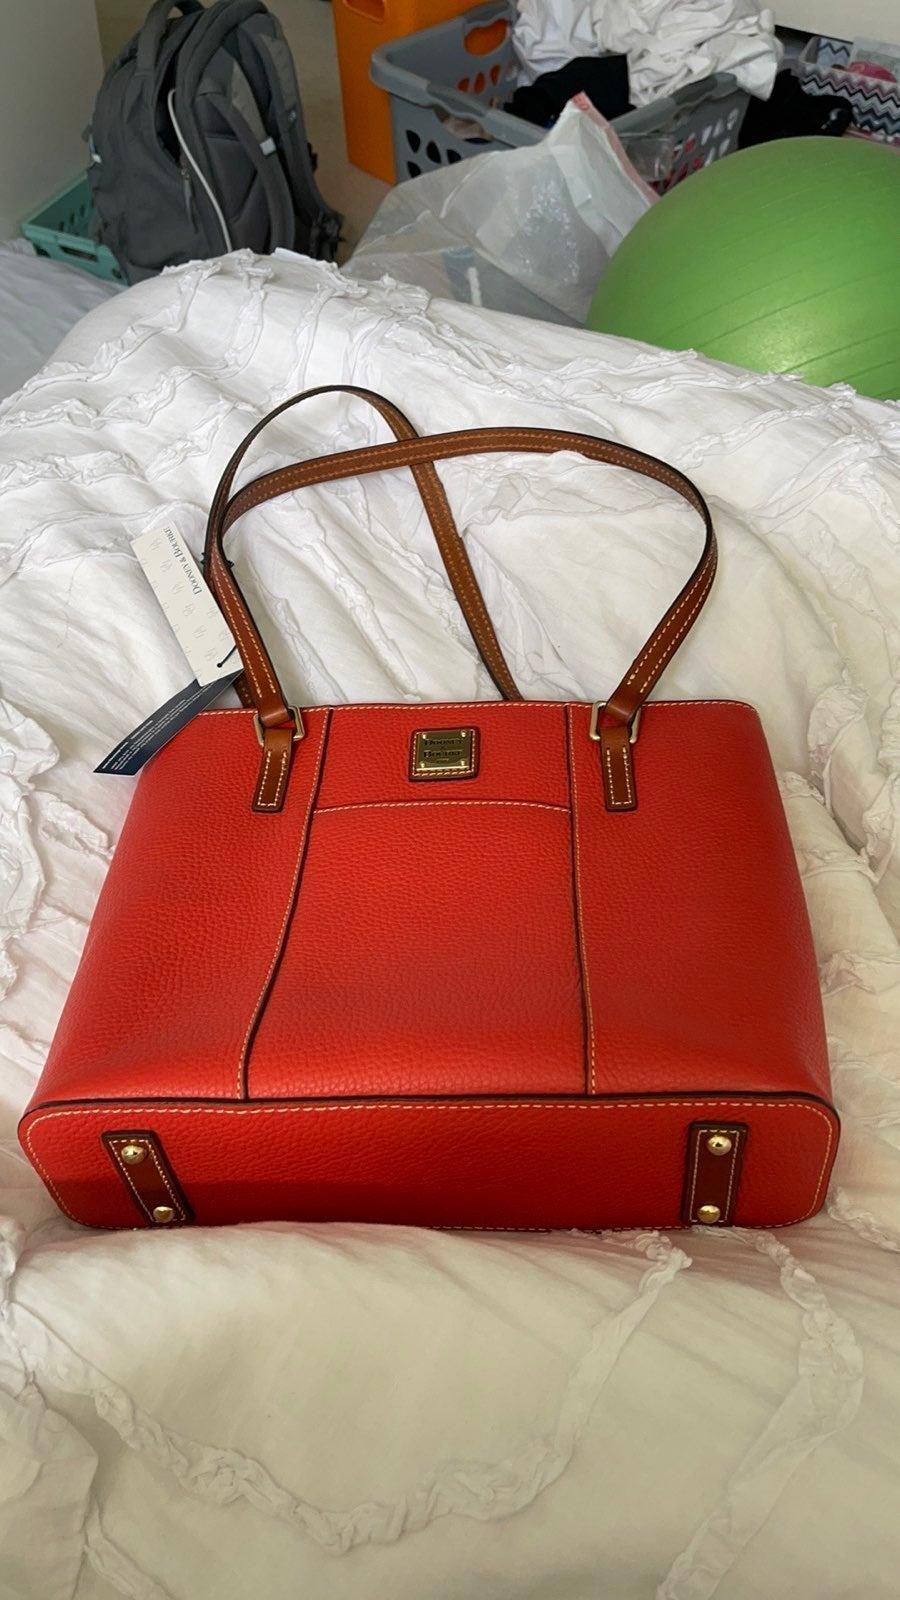 Dooney & Bourke Orange purse